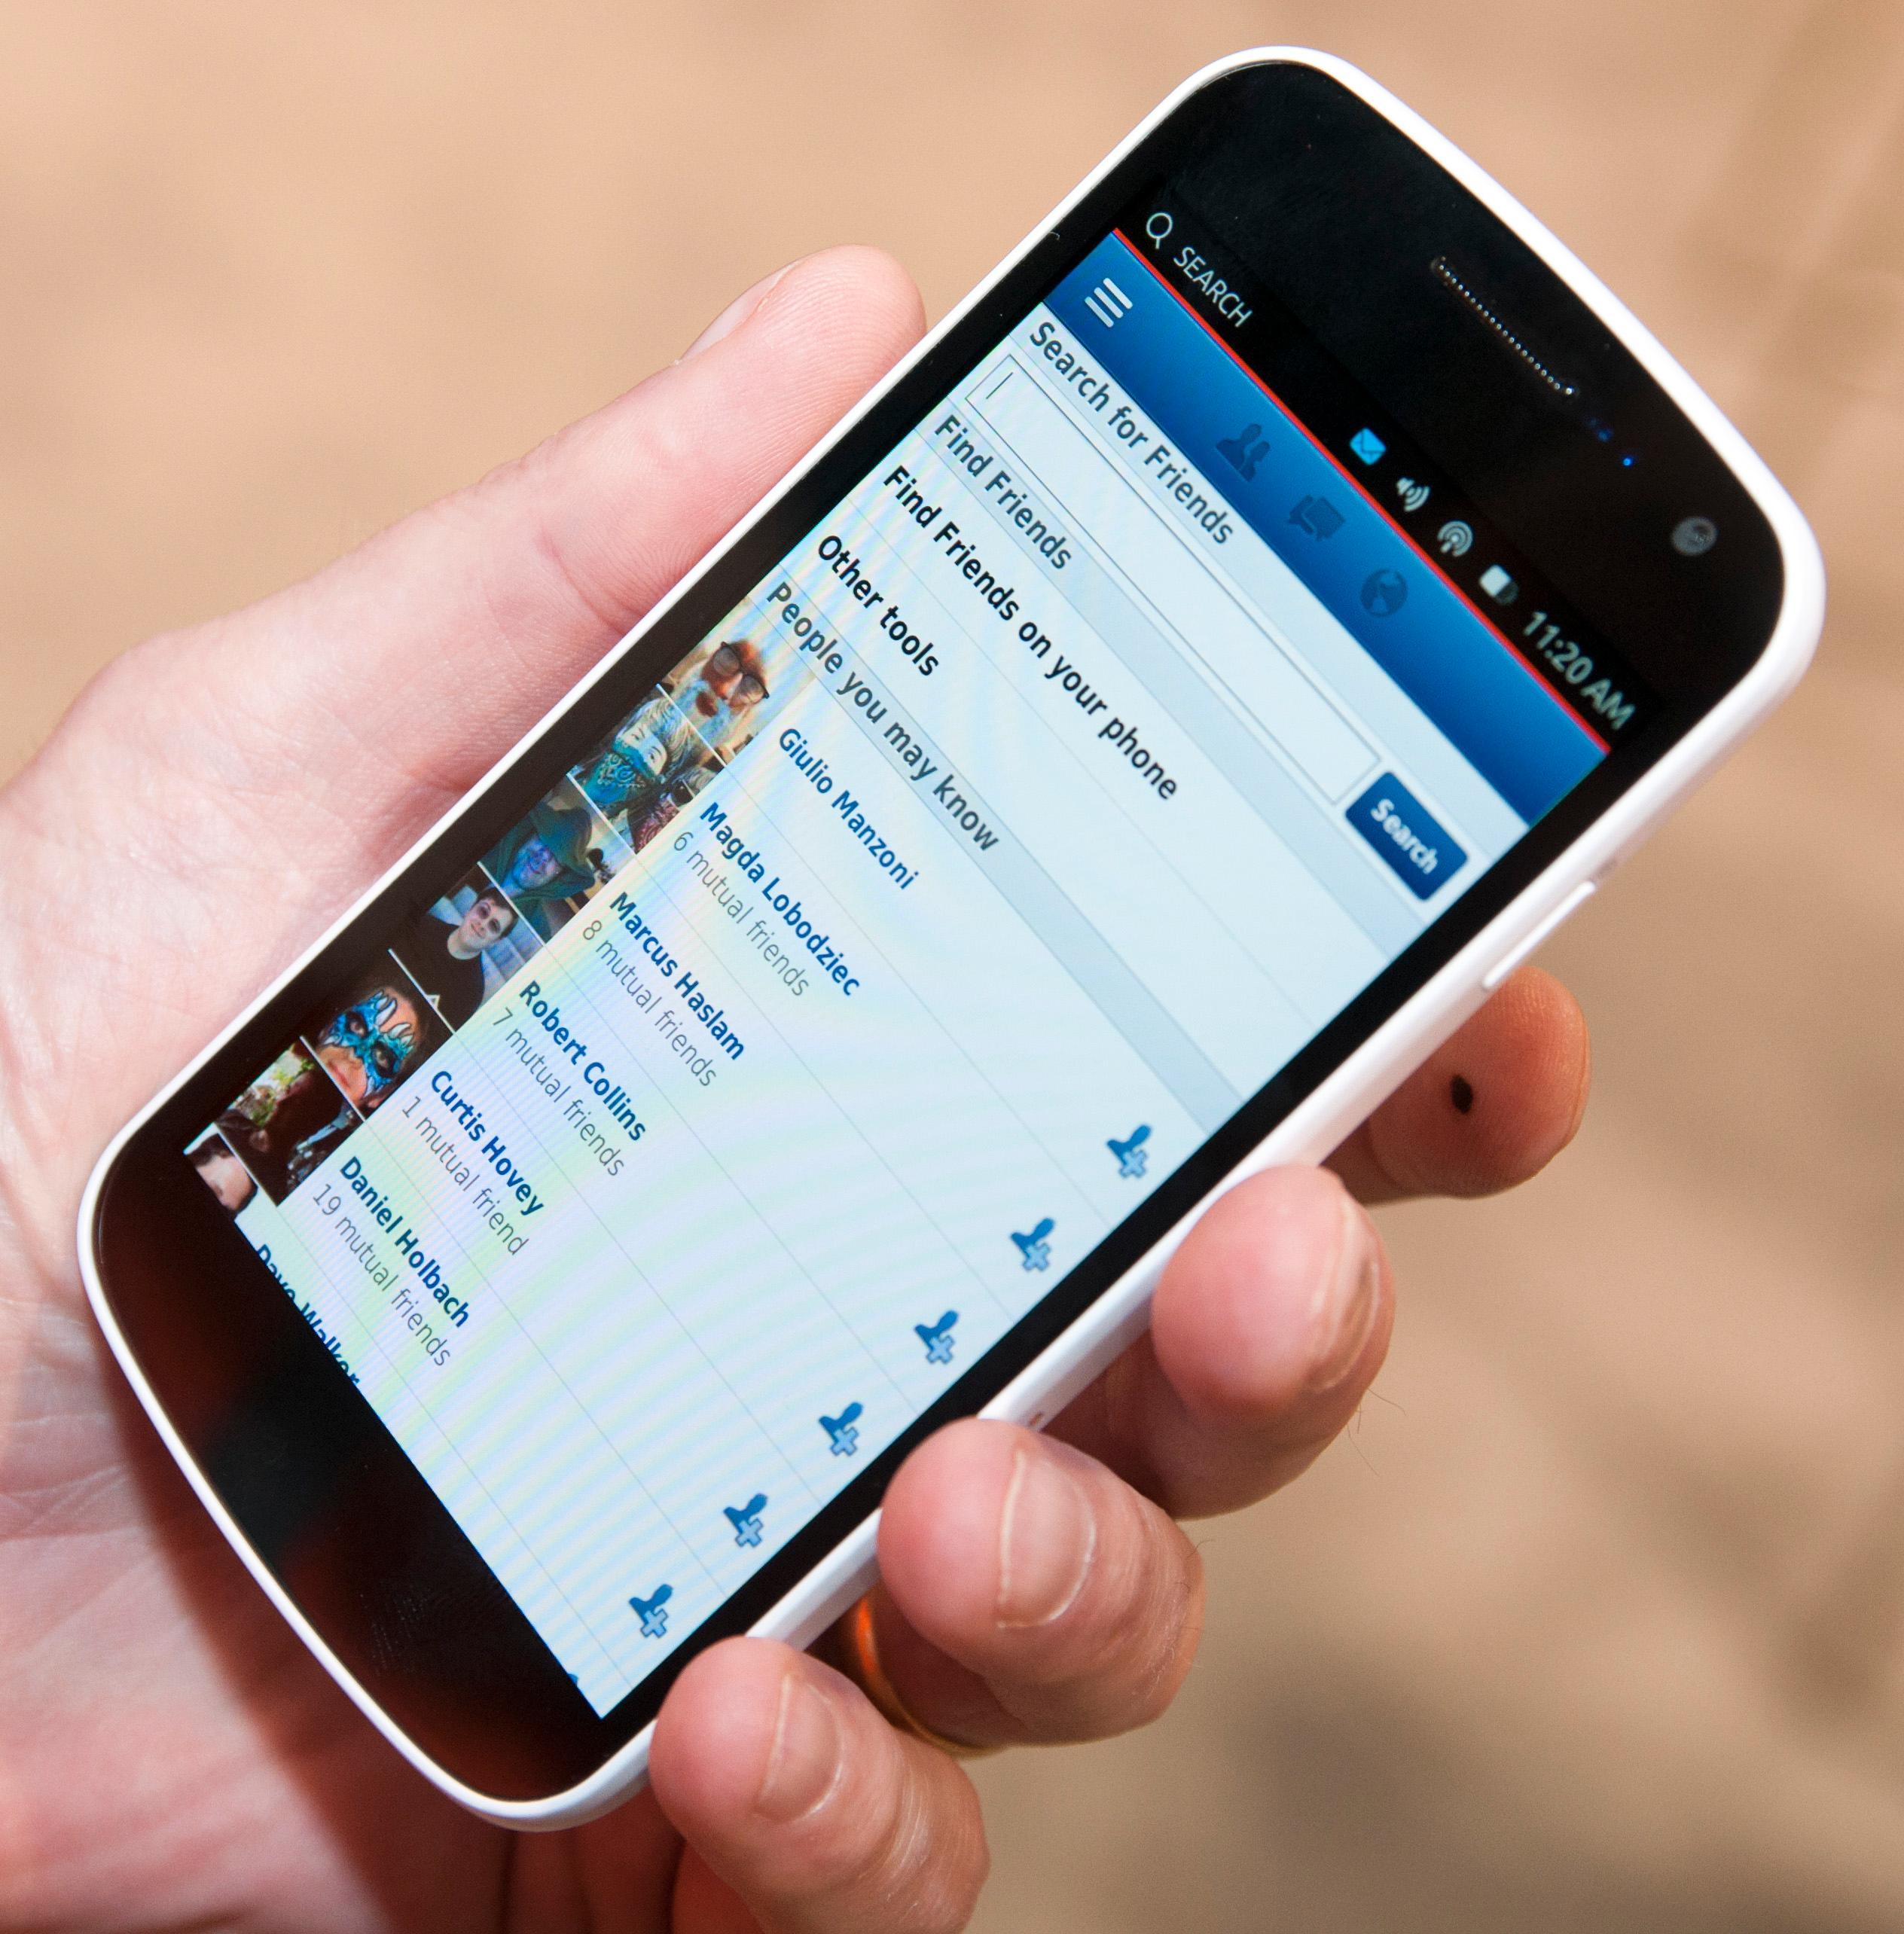 Facebook kjører som en web-app på Ubuntu slik det er i dag. Canonical gjør et stort poeng av at web-apper kan installeres sammen med vanlige apper i menyene. I realiteten kan du gjøre liknende ting, ved å plassere dem som snarveier på hjemmeskjermene også i Android og iOS.Foto: Finn Jarle Kvalheim, Amobil.no